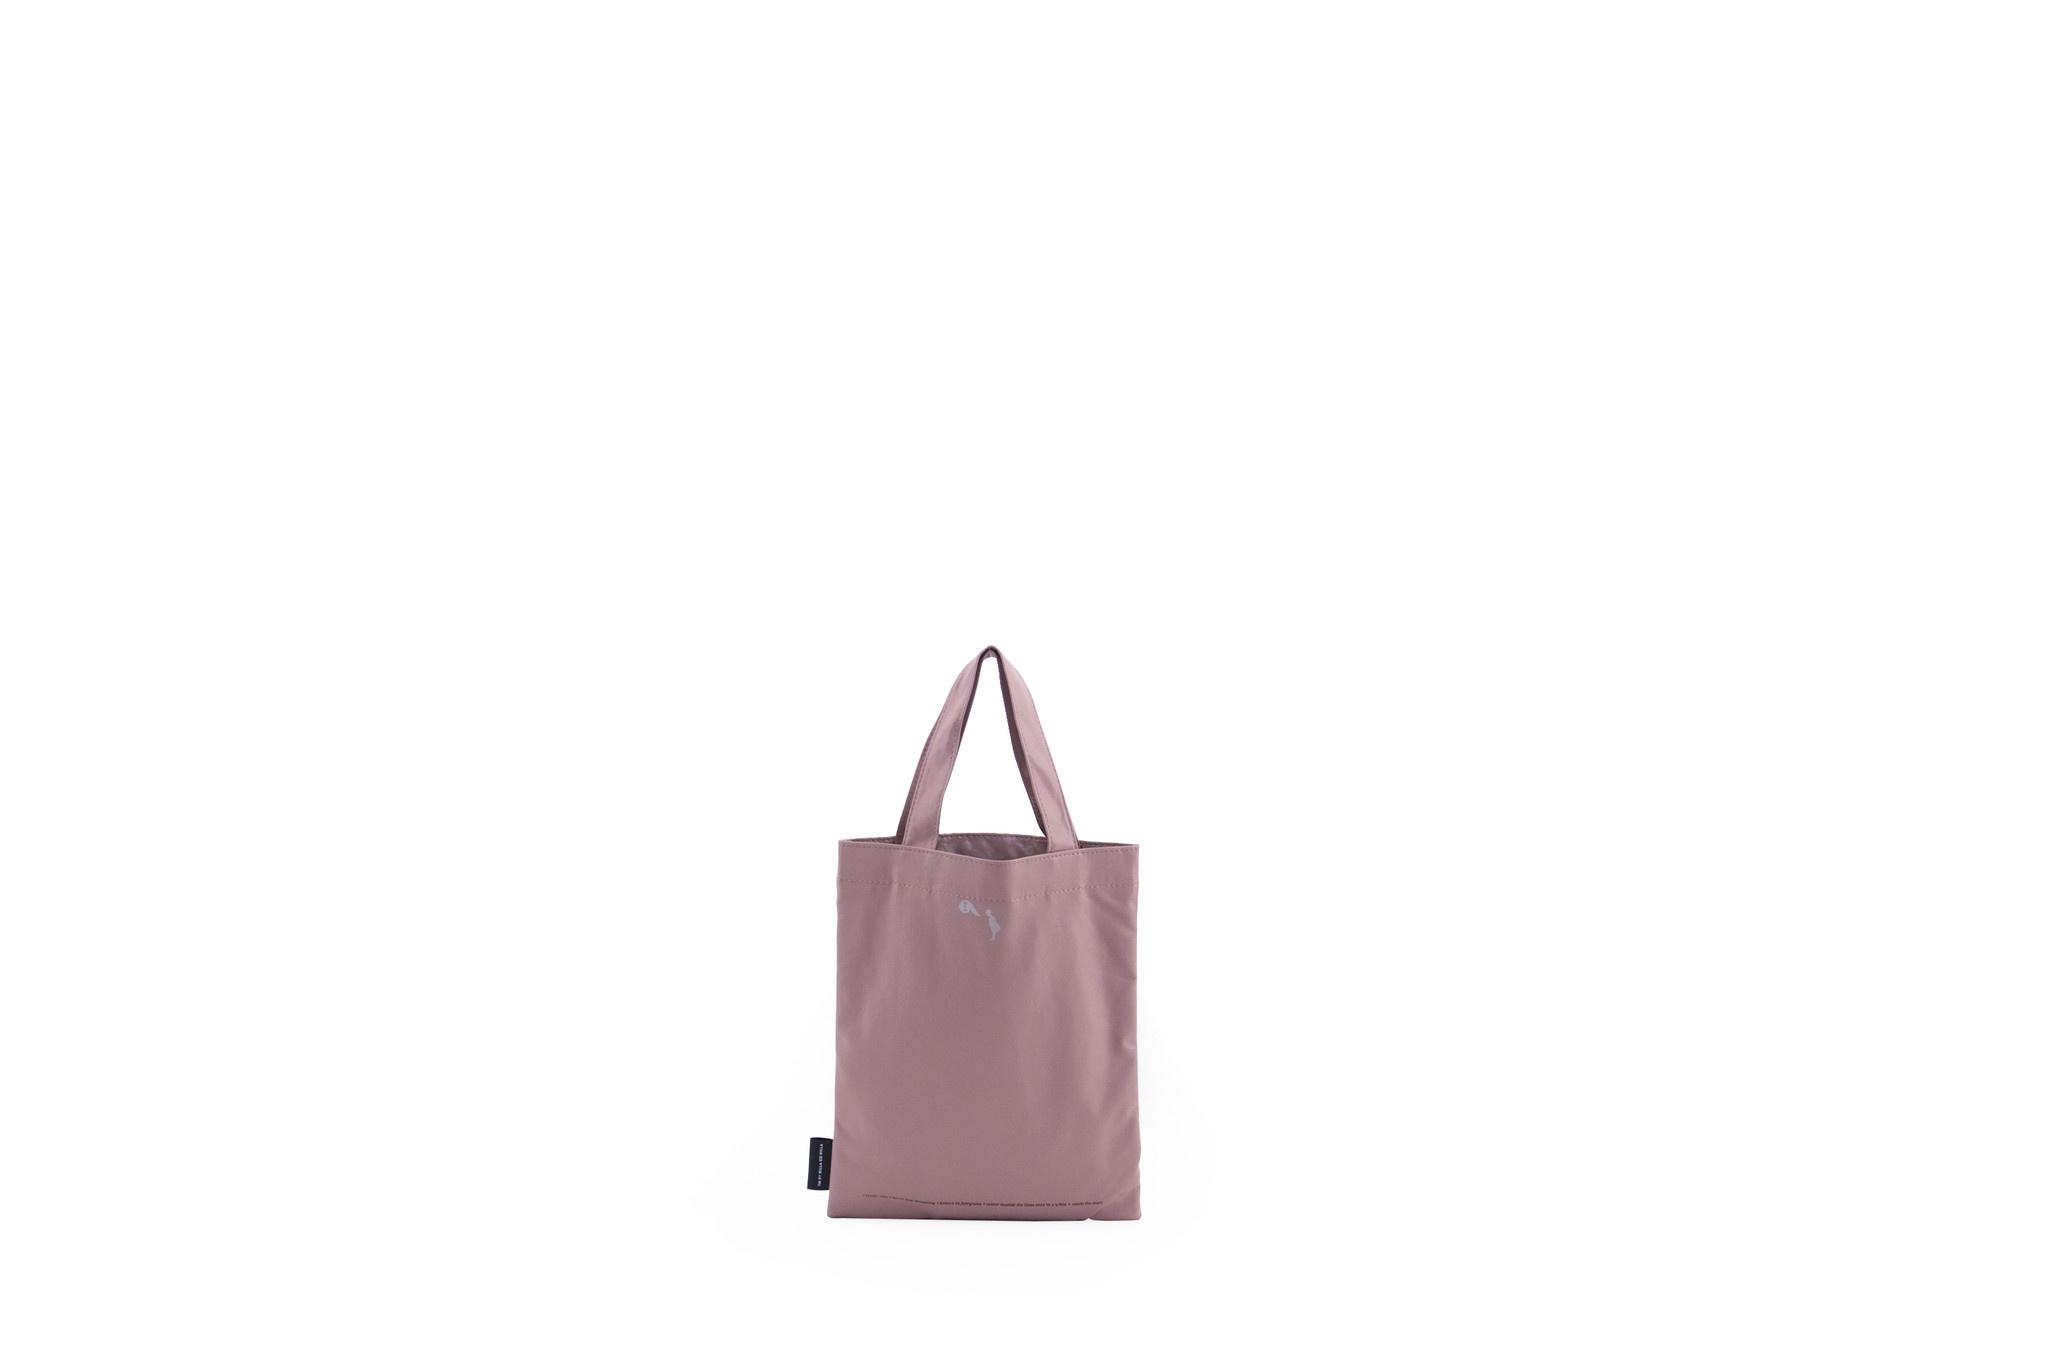 Kids Tote Bag - Pastel Pink-2